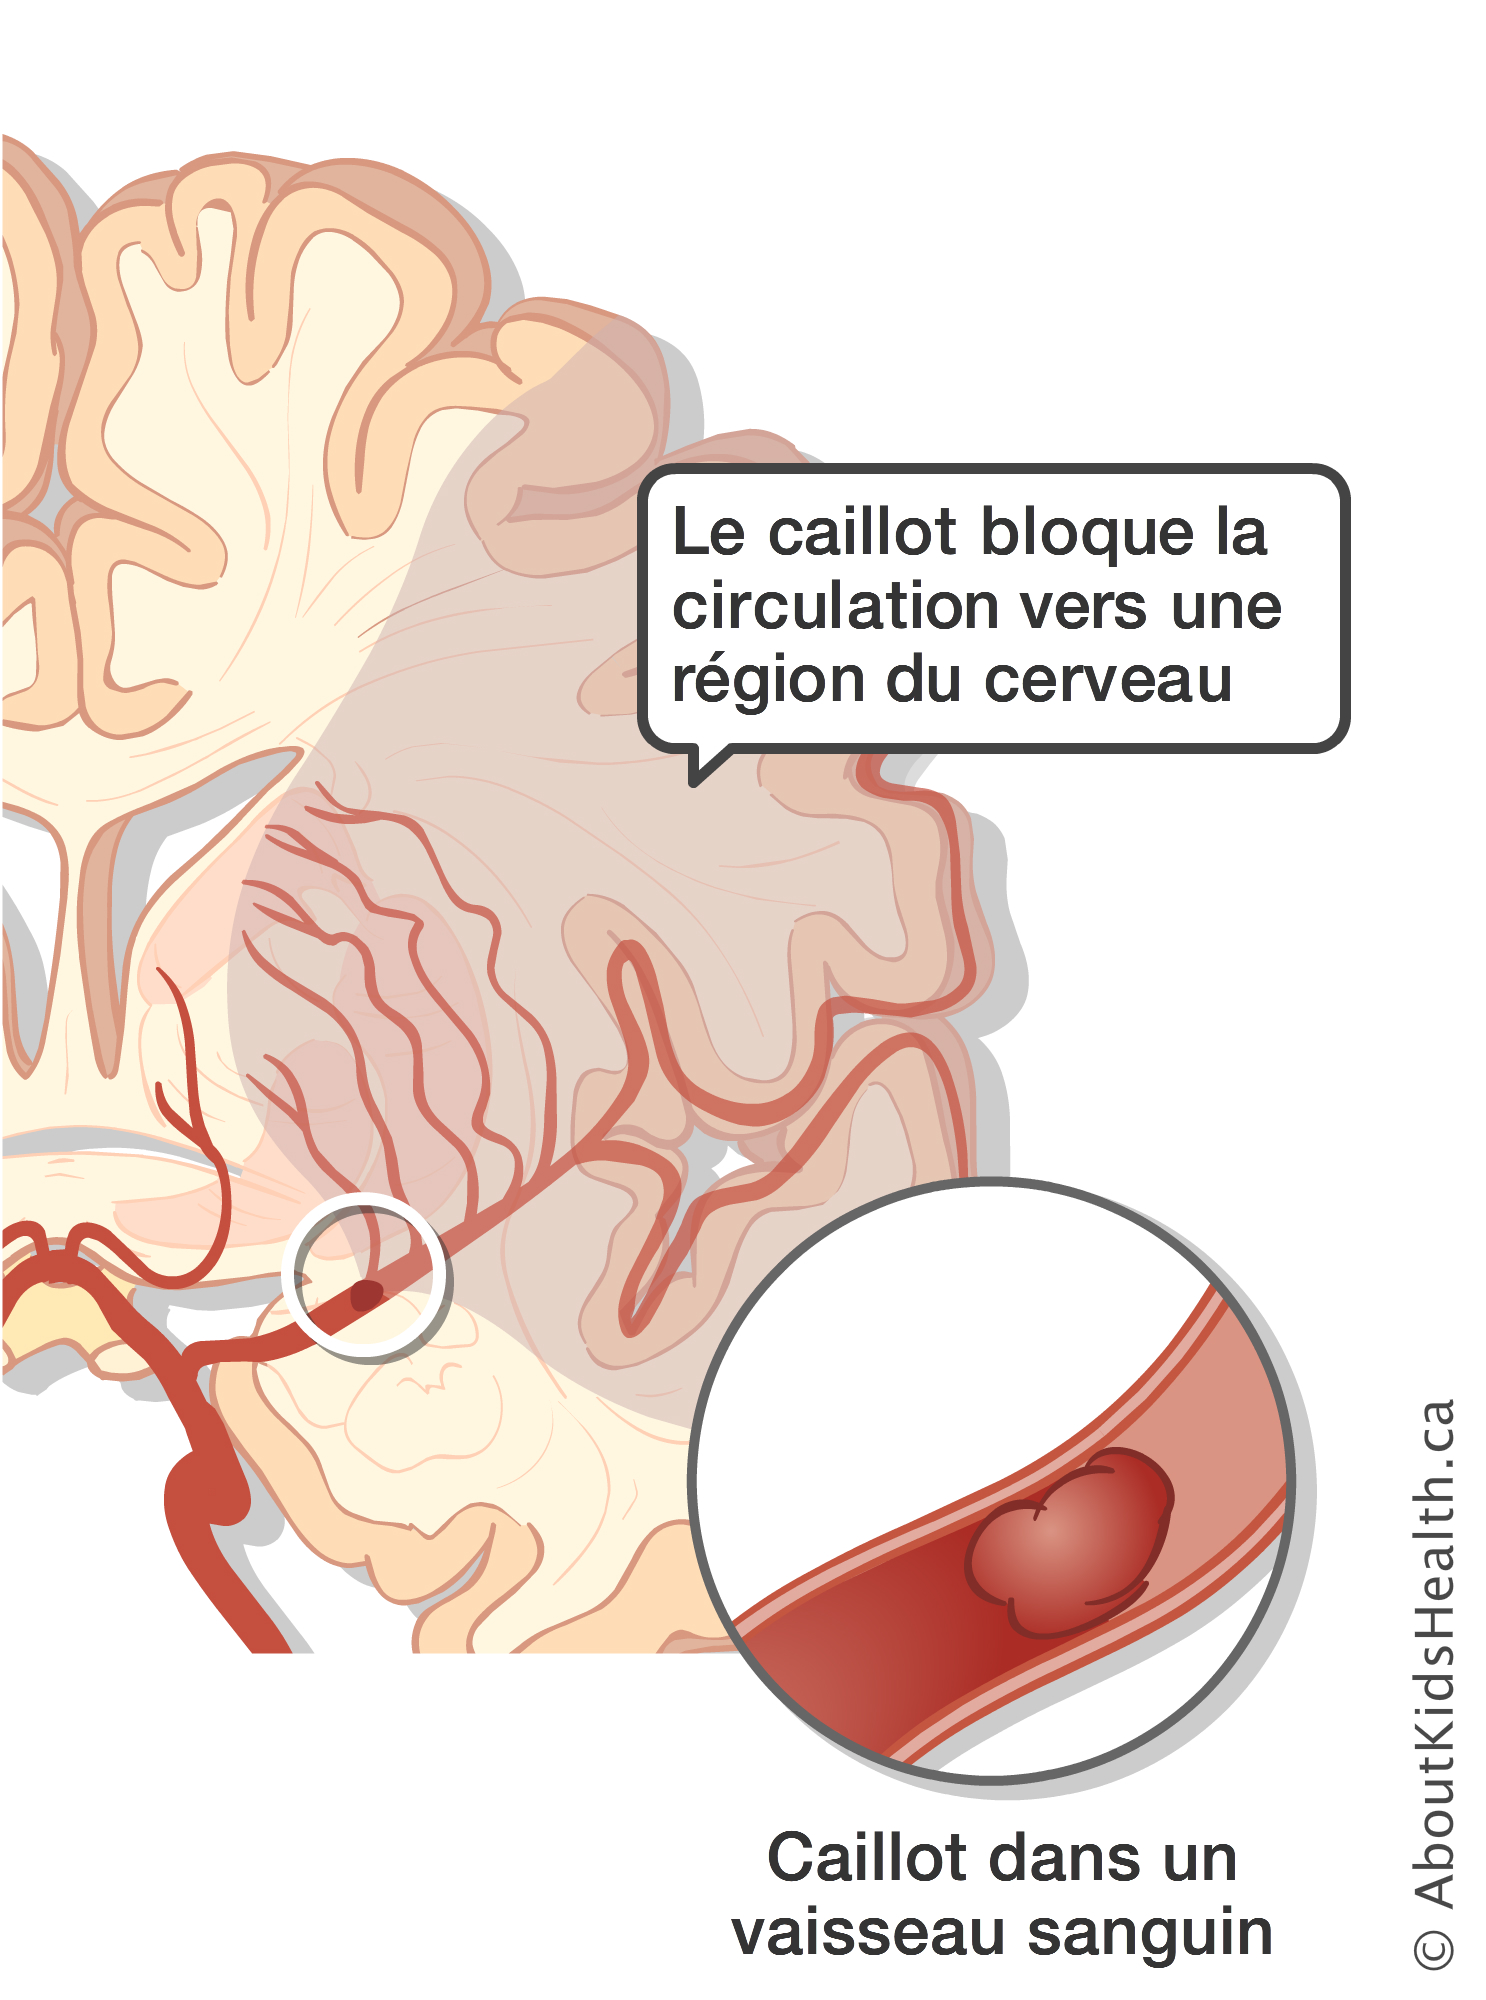 medicament circulation sanguine cerveau